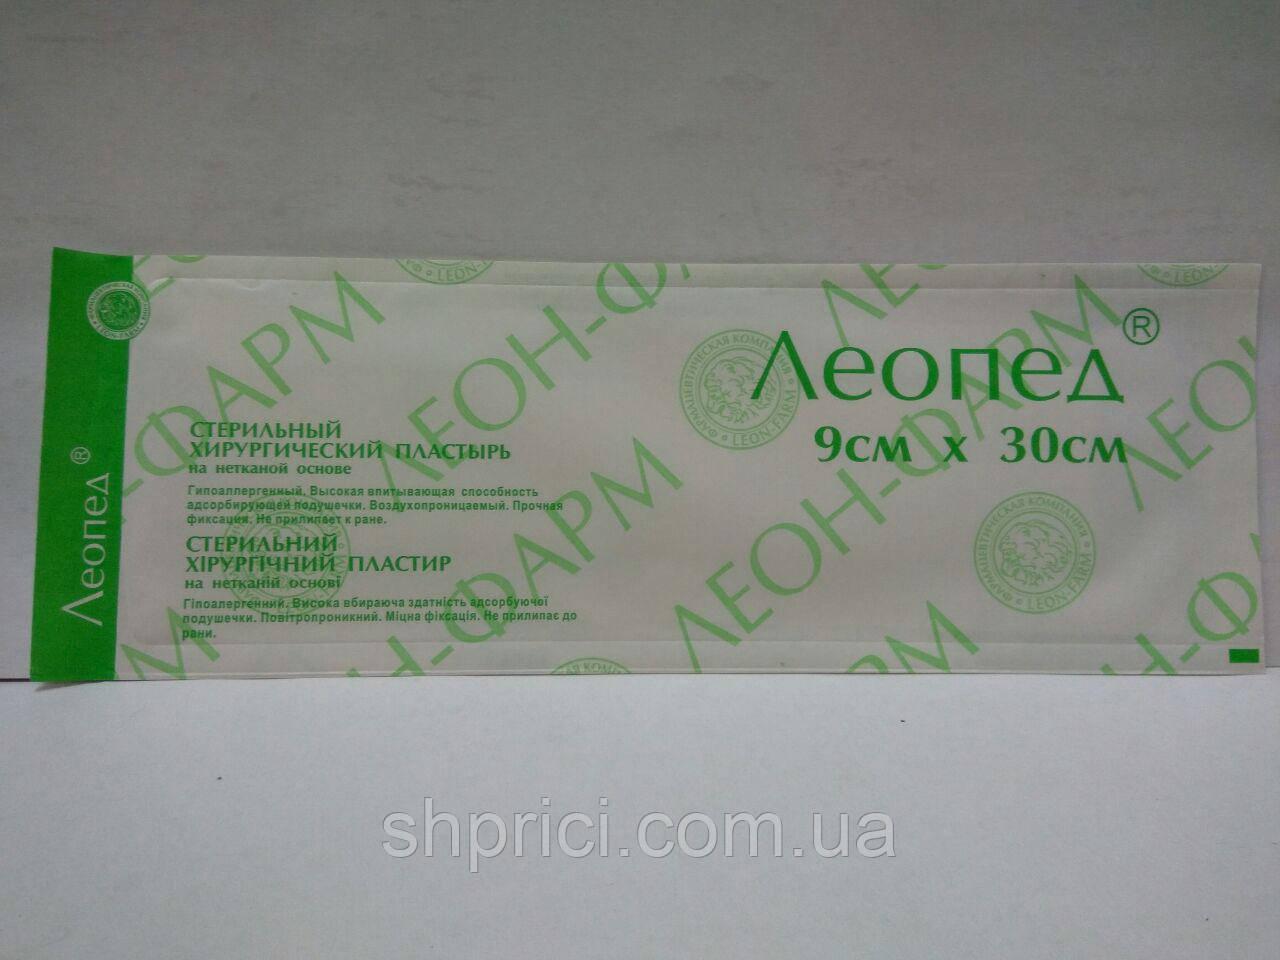 Пластырь Леопед 9см*30 см, хирургический стерильный/ Леон-Фарм